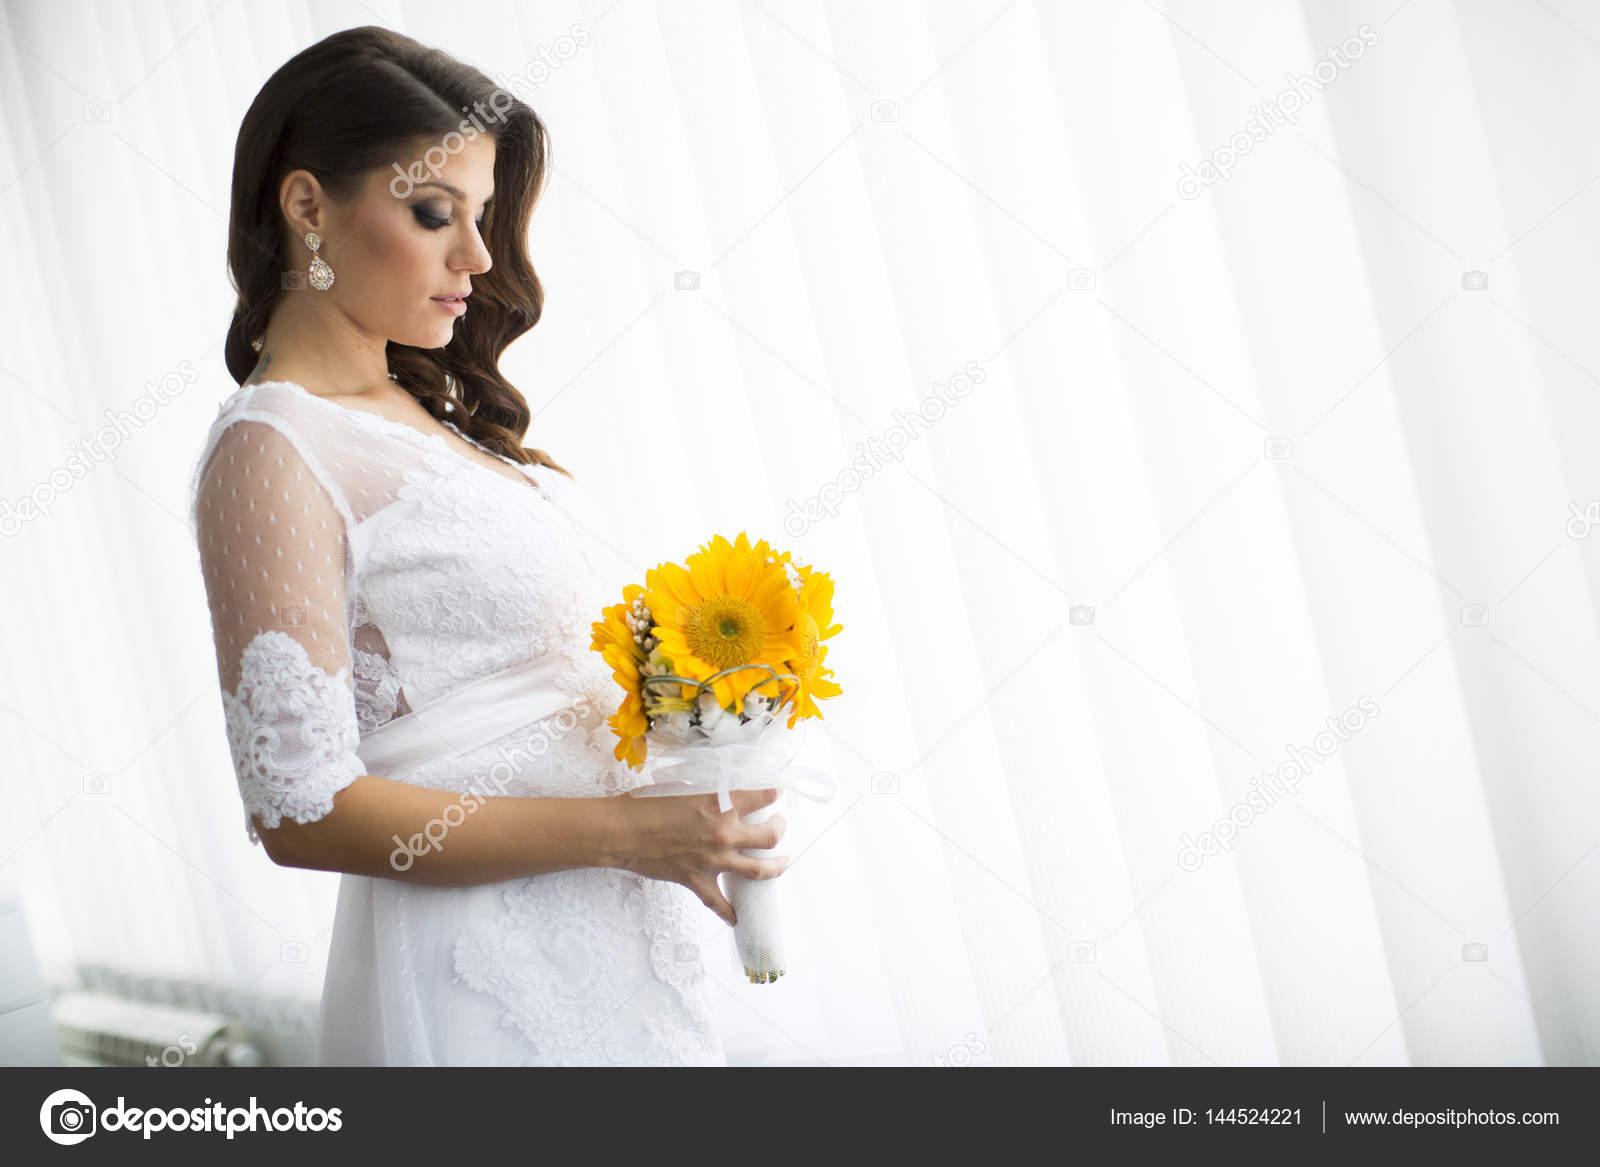 acf2c88a1 Novia embarazada con ramo de flores — Foto de stock © boggy22  144524221